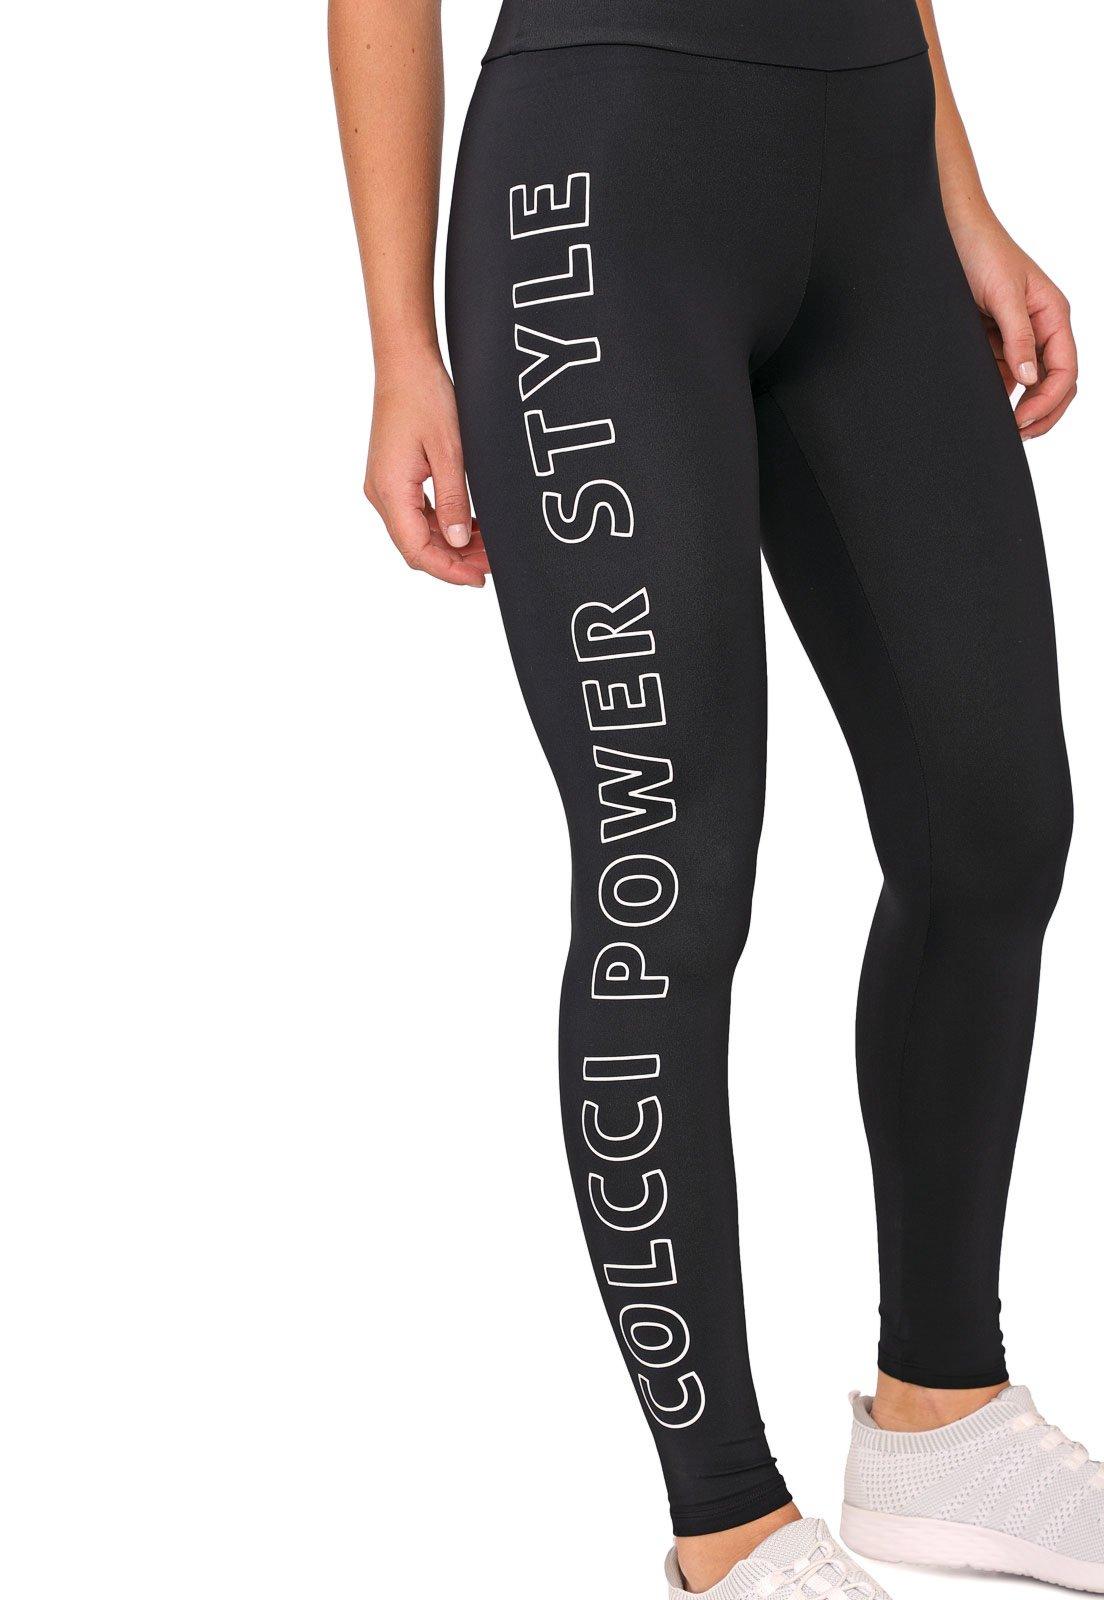 Legging Colcci Fitness Lettering Preta - Compre Agora